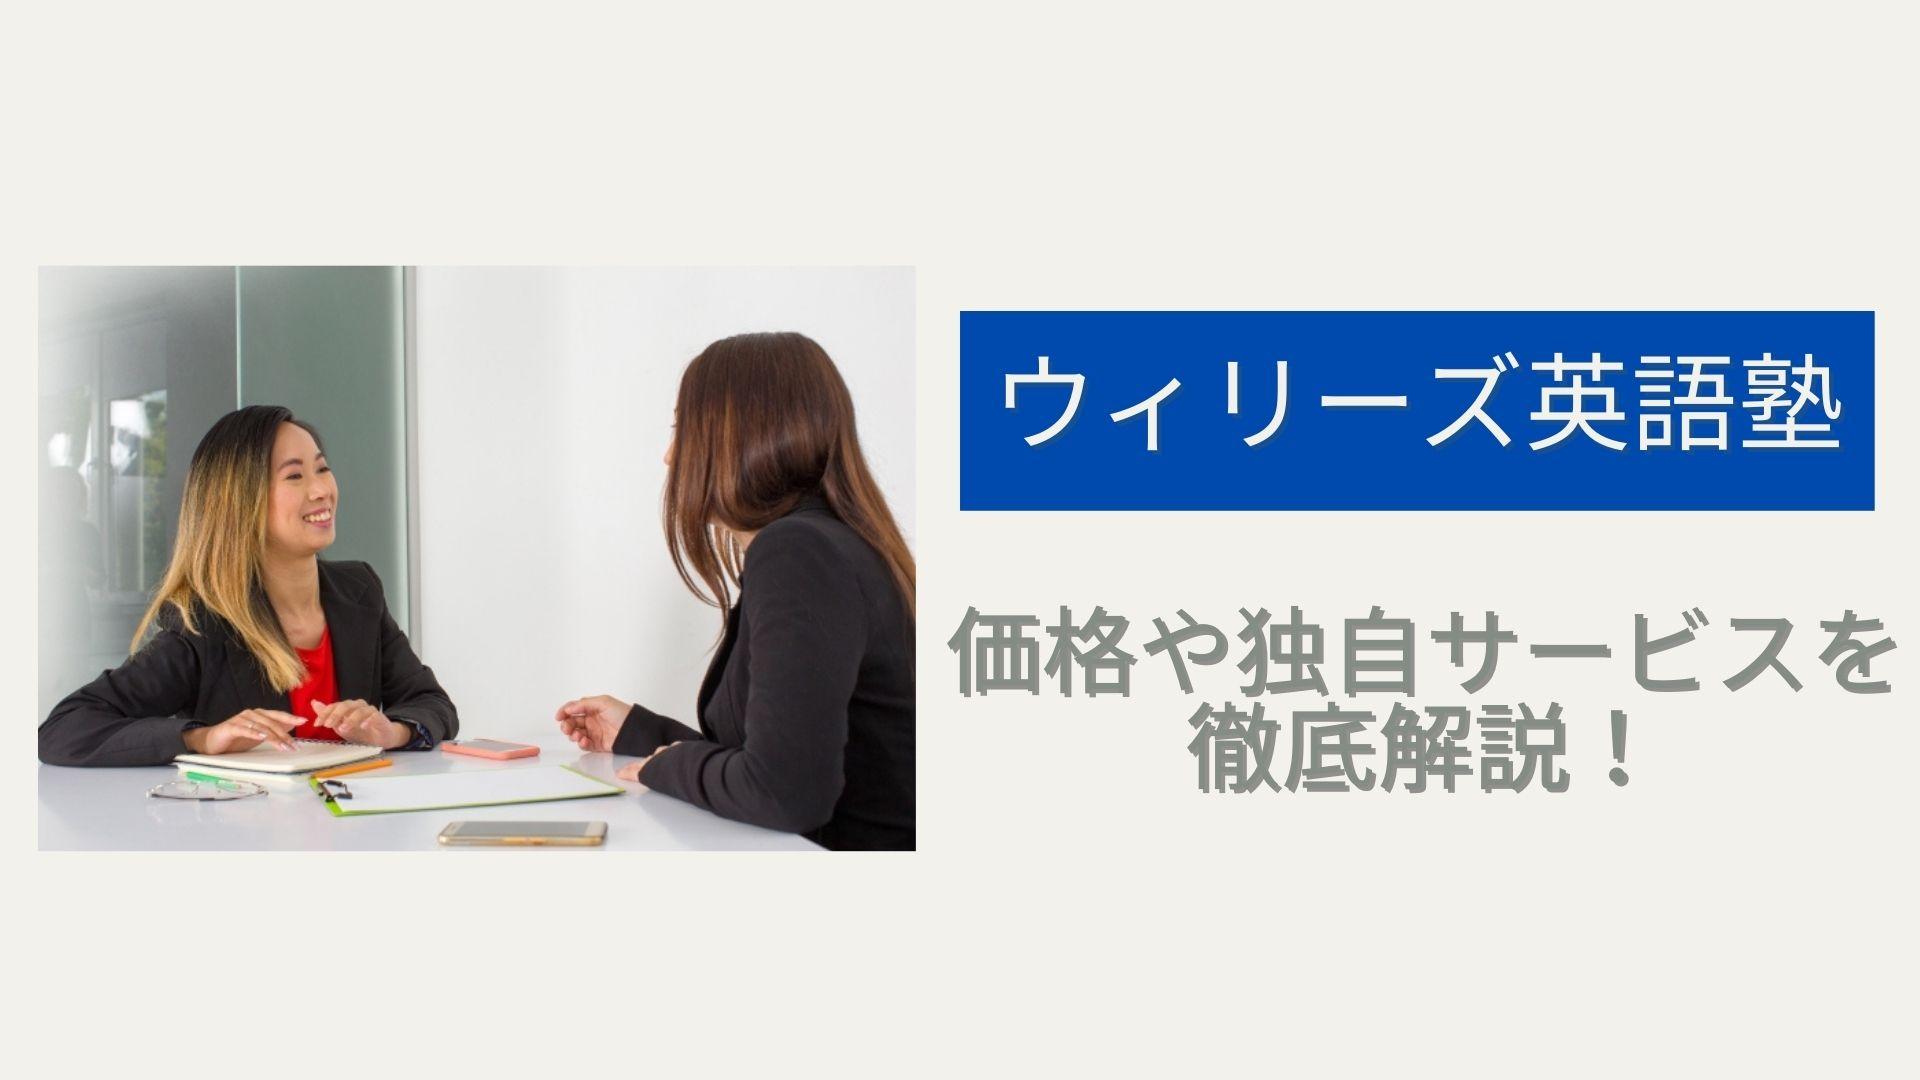 ウィリーズ英語塾(Willies English)ってどんなサービス?特徴や価格を徹底解説!!